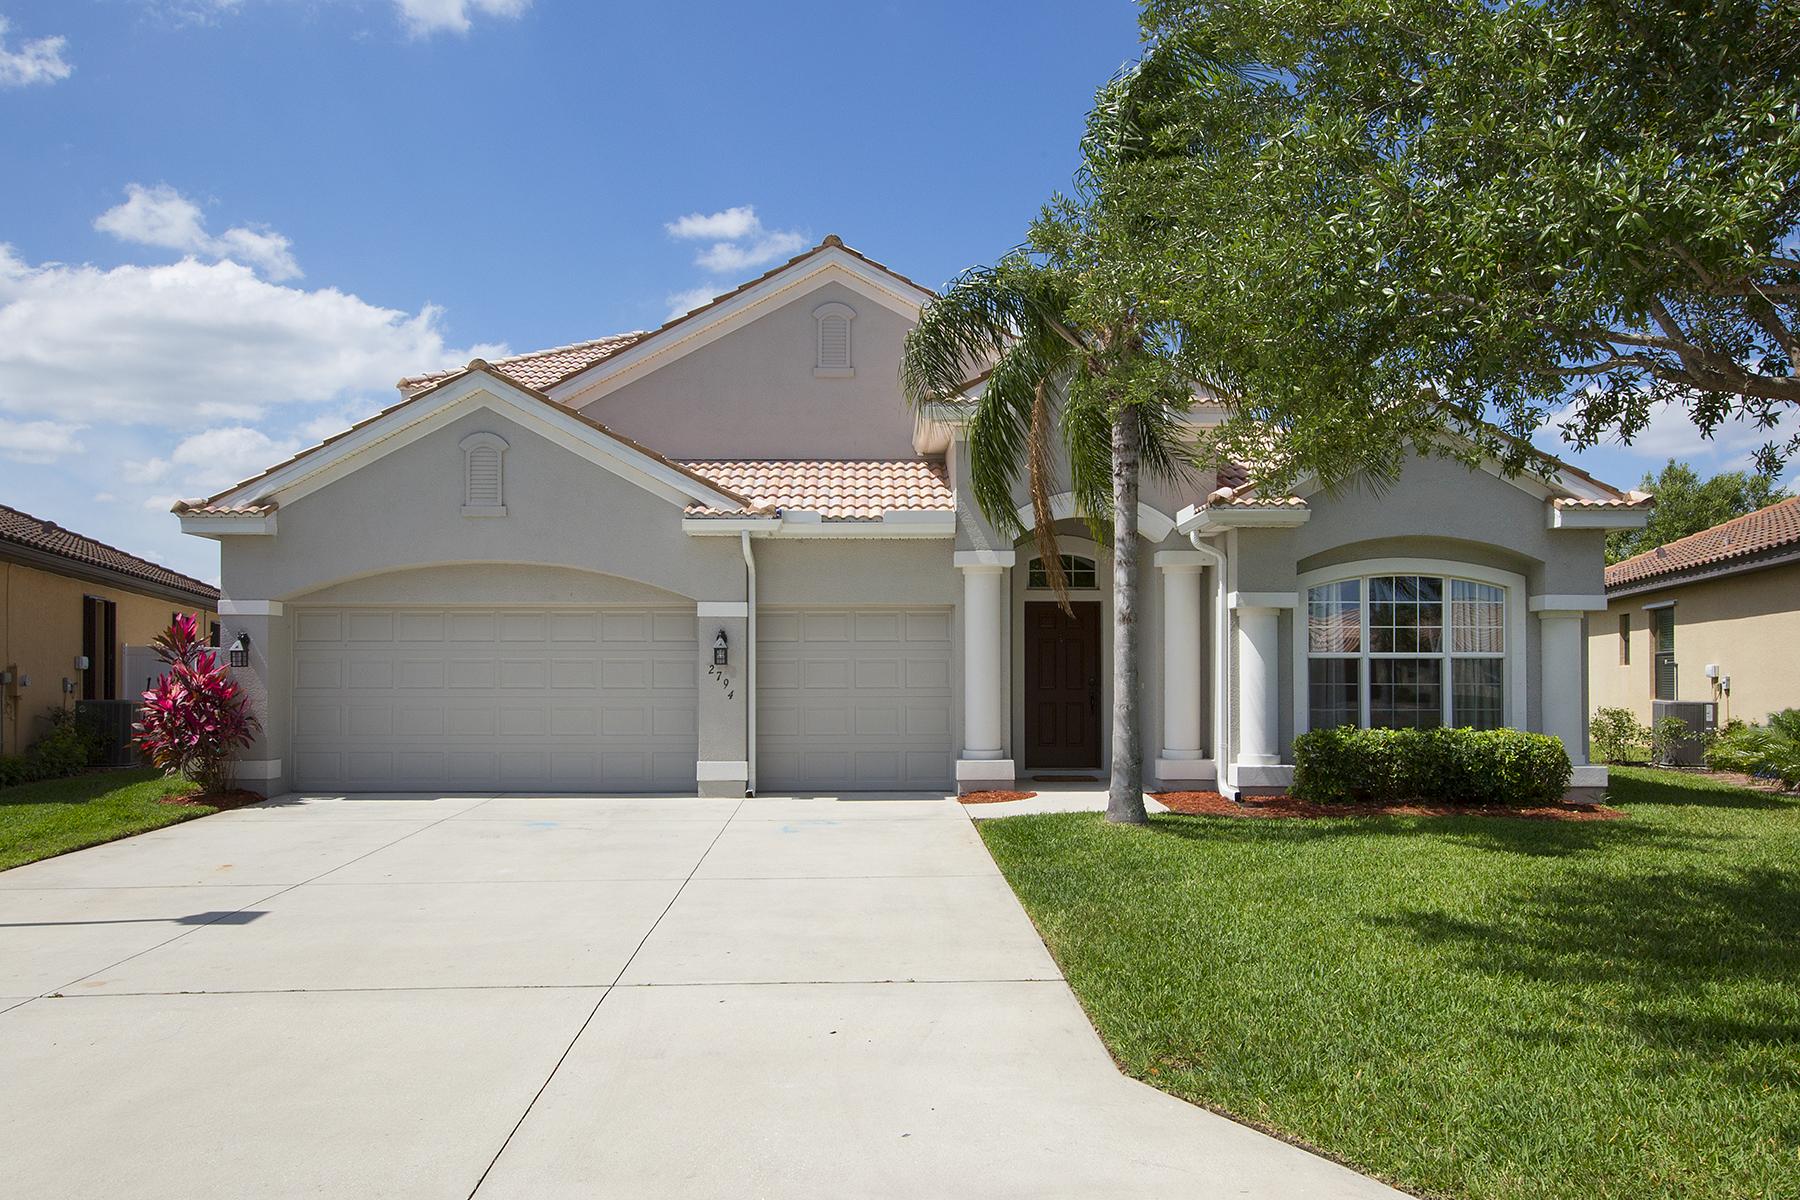 一戸建て のために 売買 アット THE FORUM - PROMENADE 2794 Via Piazza Loop Fort Myers, フロリダ, 33905 アメリカ合衆国